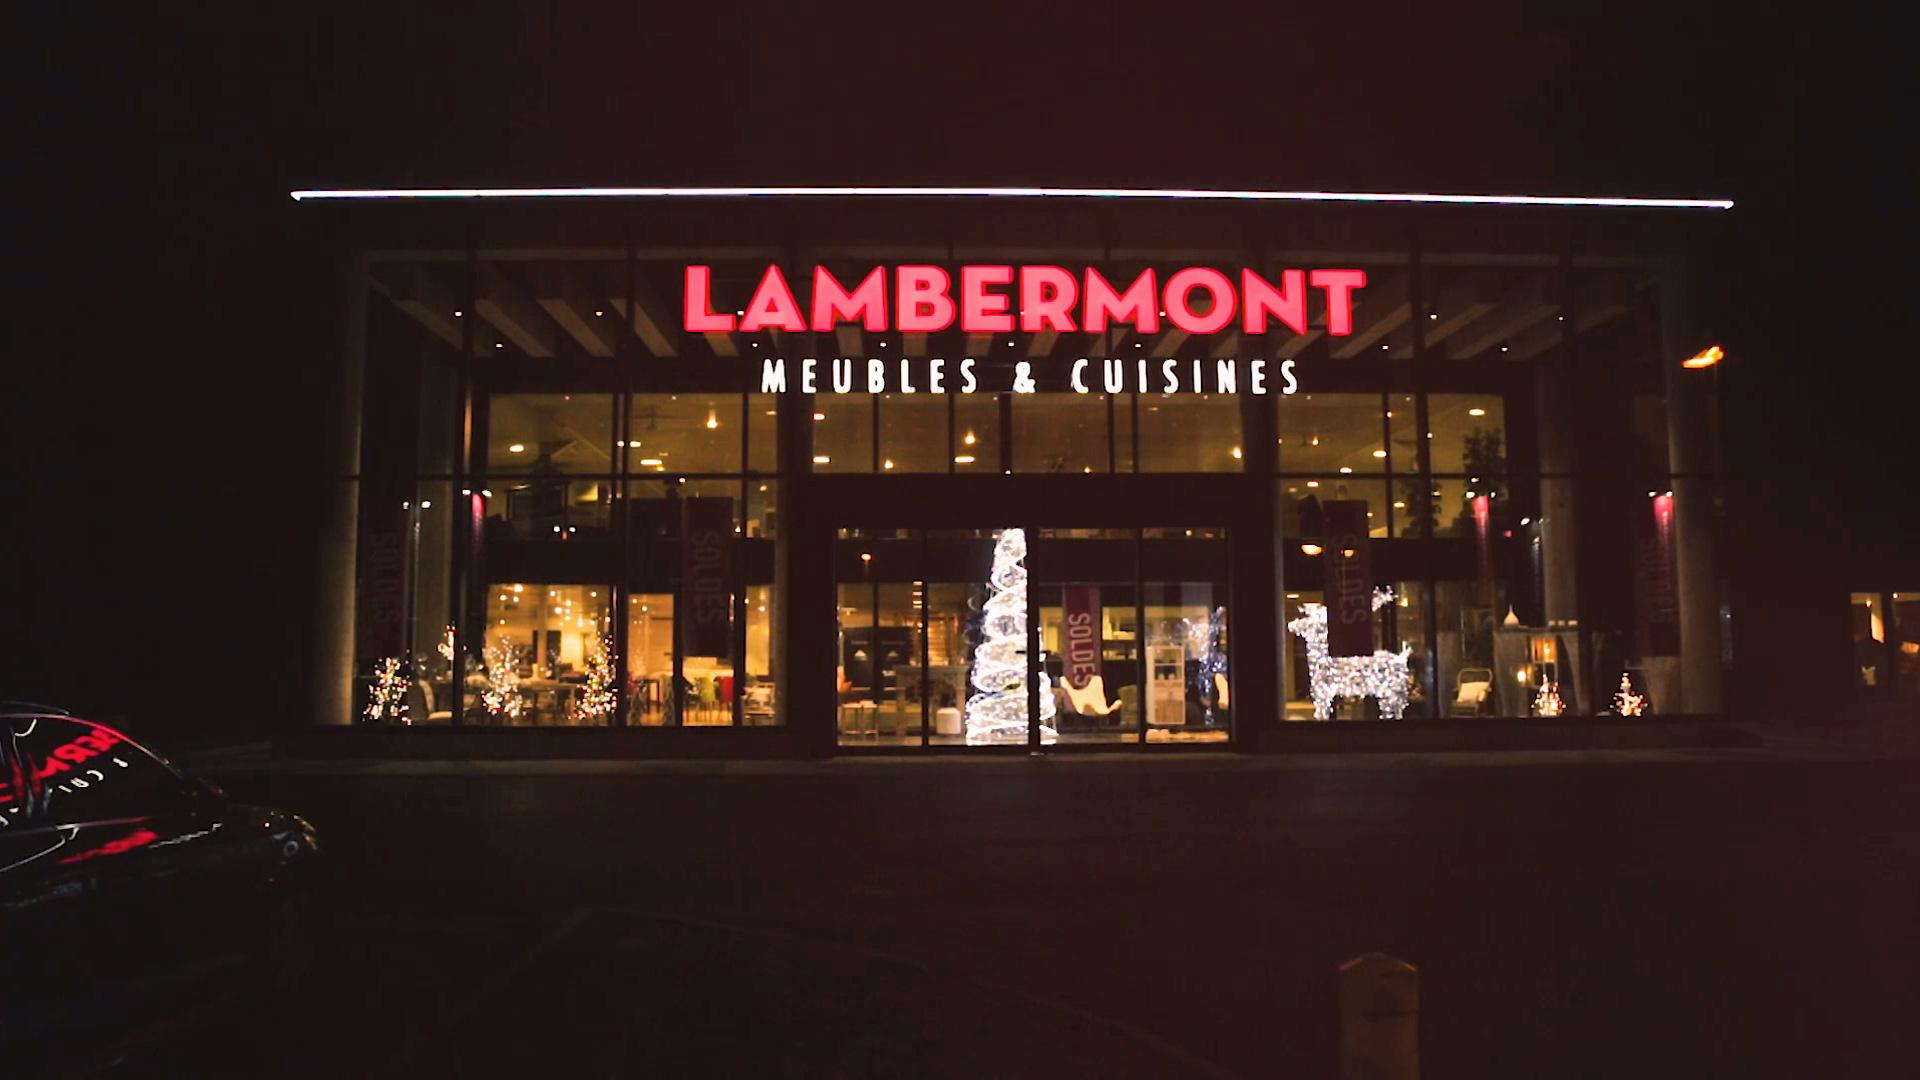 Tv Lux Prod Les R Alisations Films Et Vid Os # Meuble Tv Lambermont